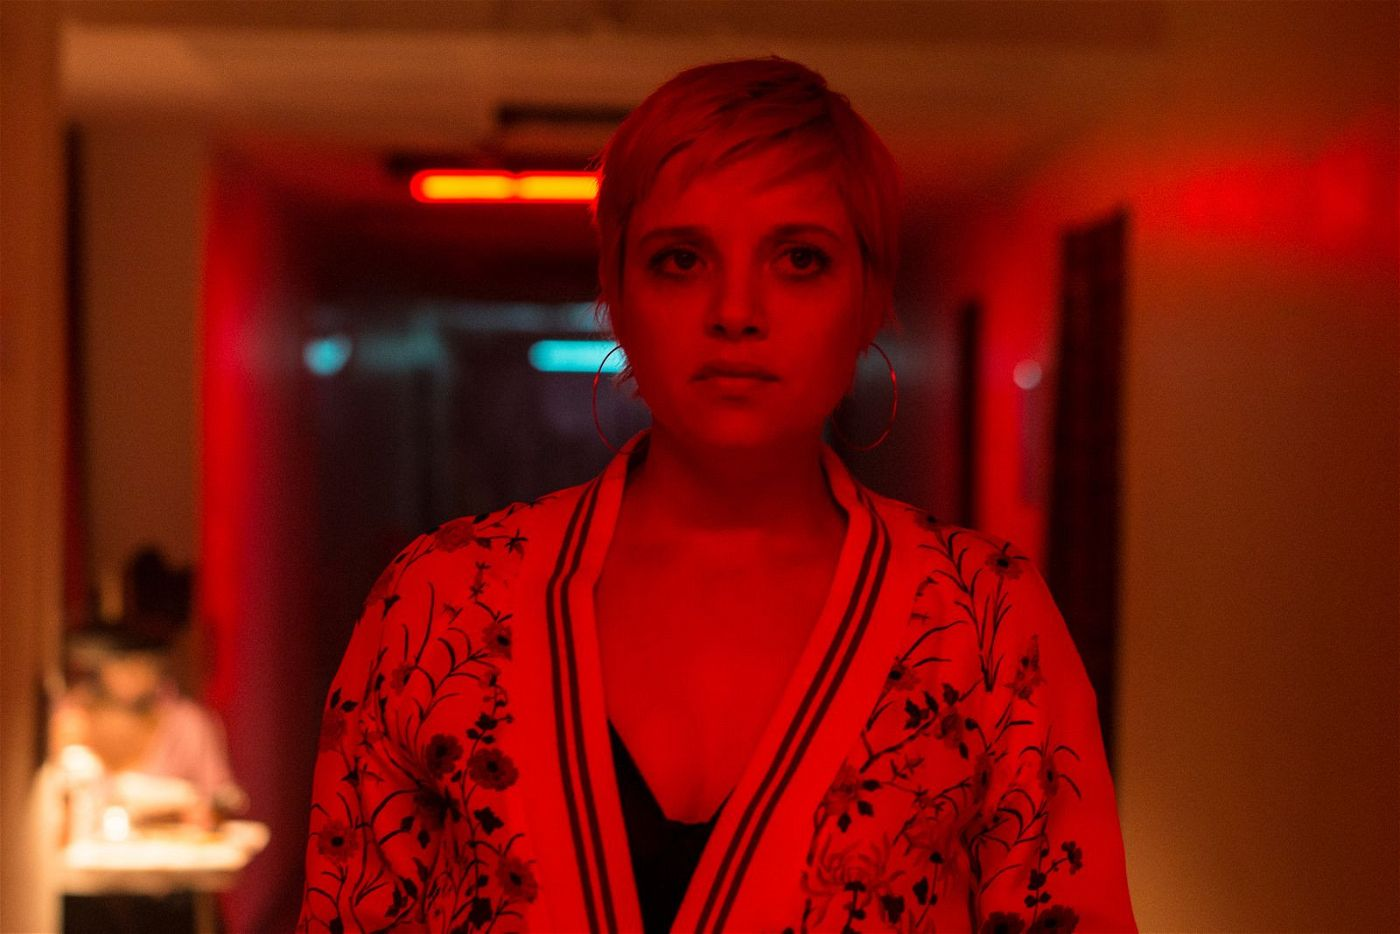 Francis' Geliebte Mieze (Jella Haase) ist eine moderne Sexarbeiterin, die ihrer Profession selbstbestimmt und selbstbewusst nachgeht.